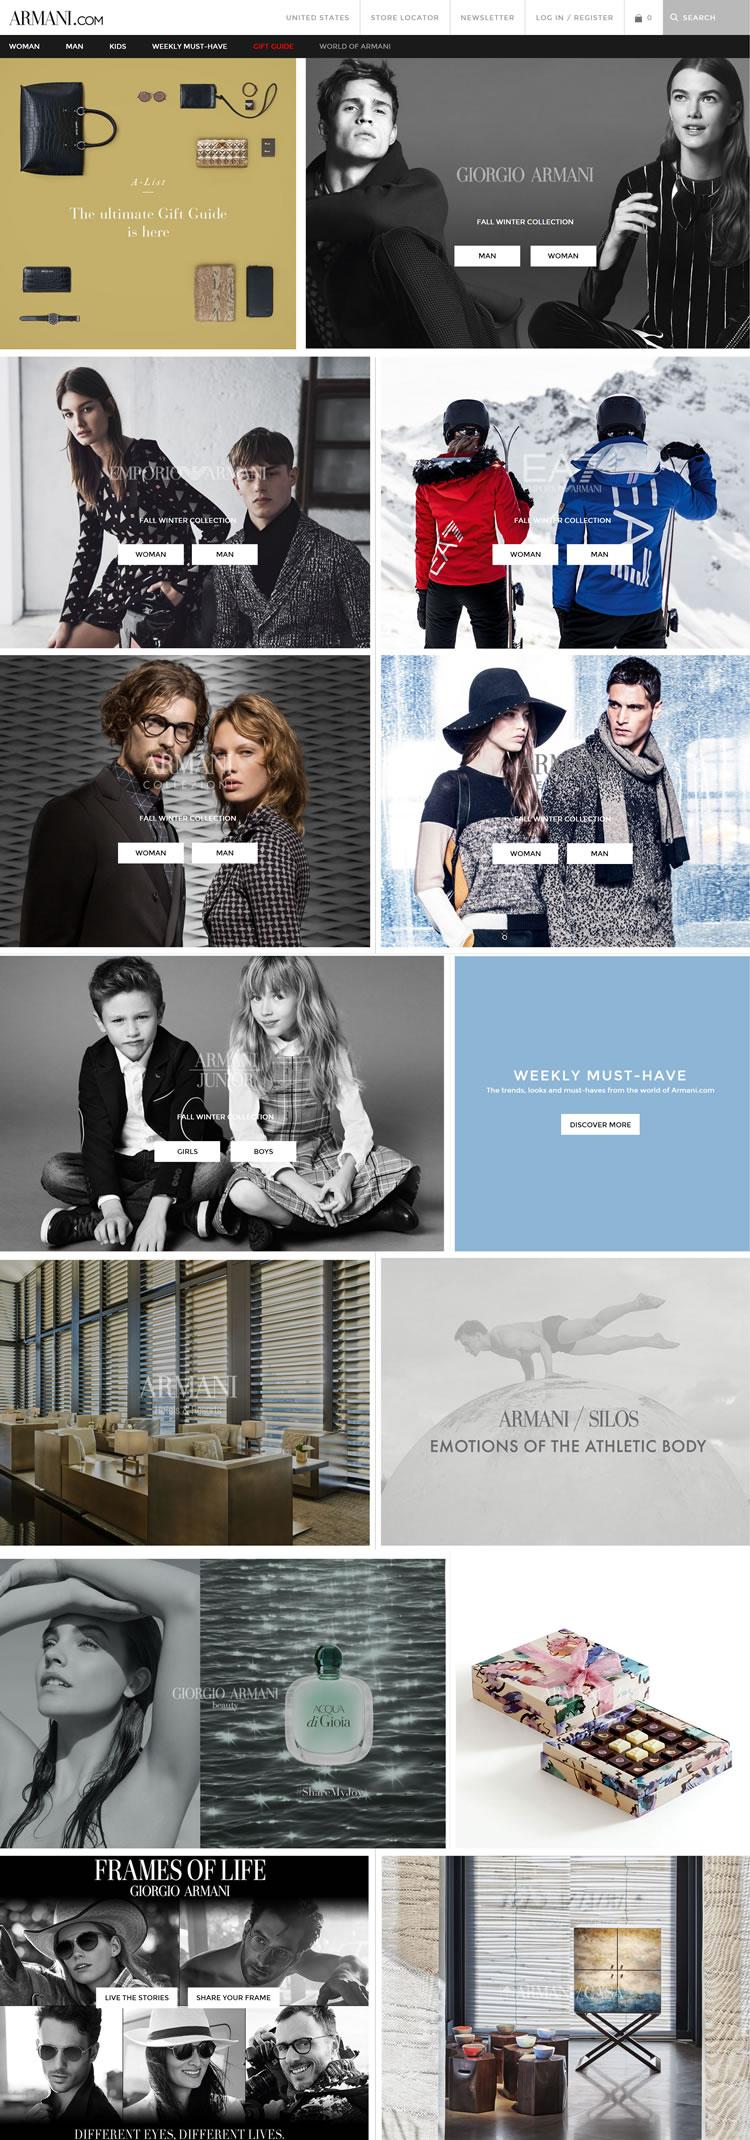 阿玛尼官方网站:Armani.com